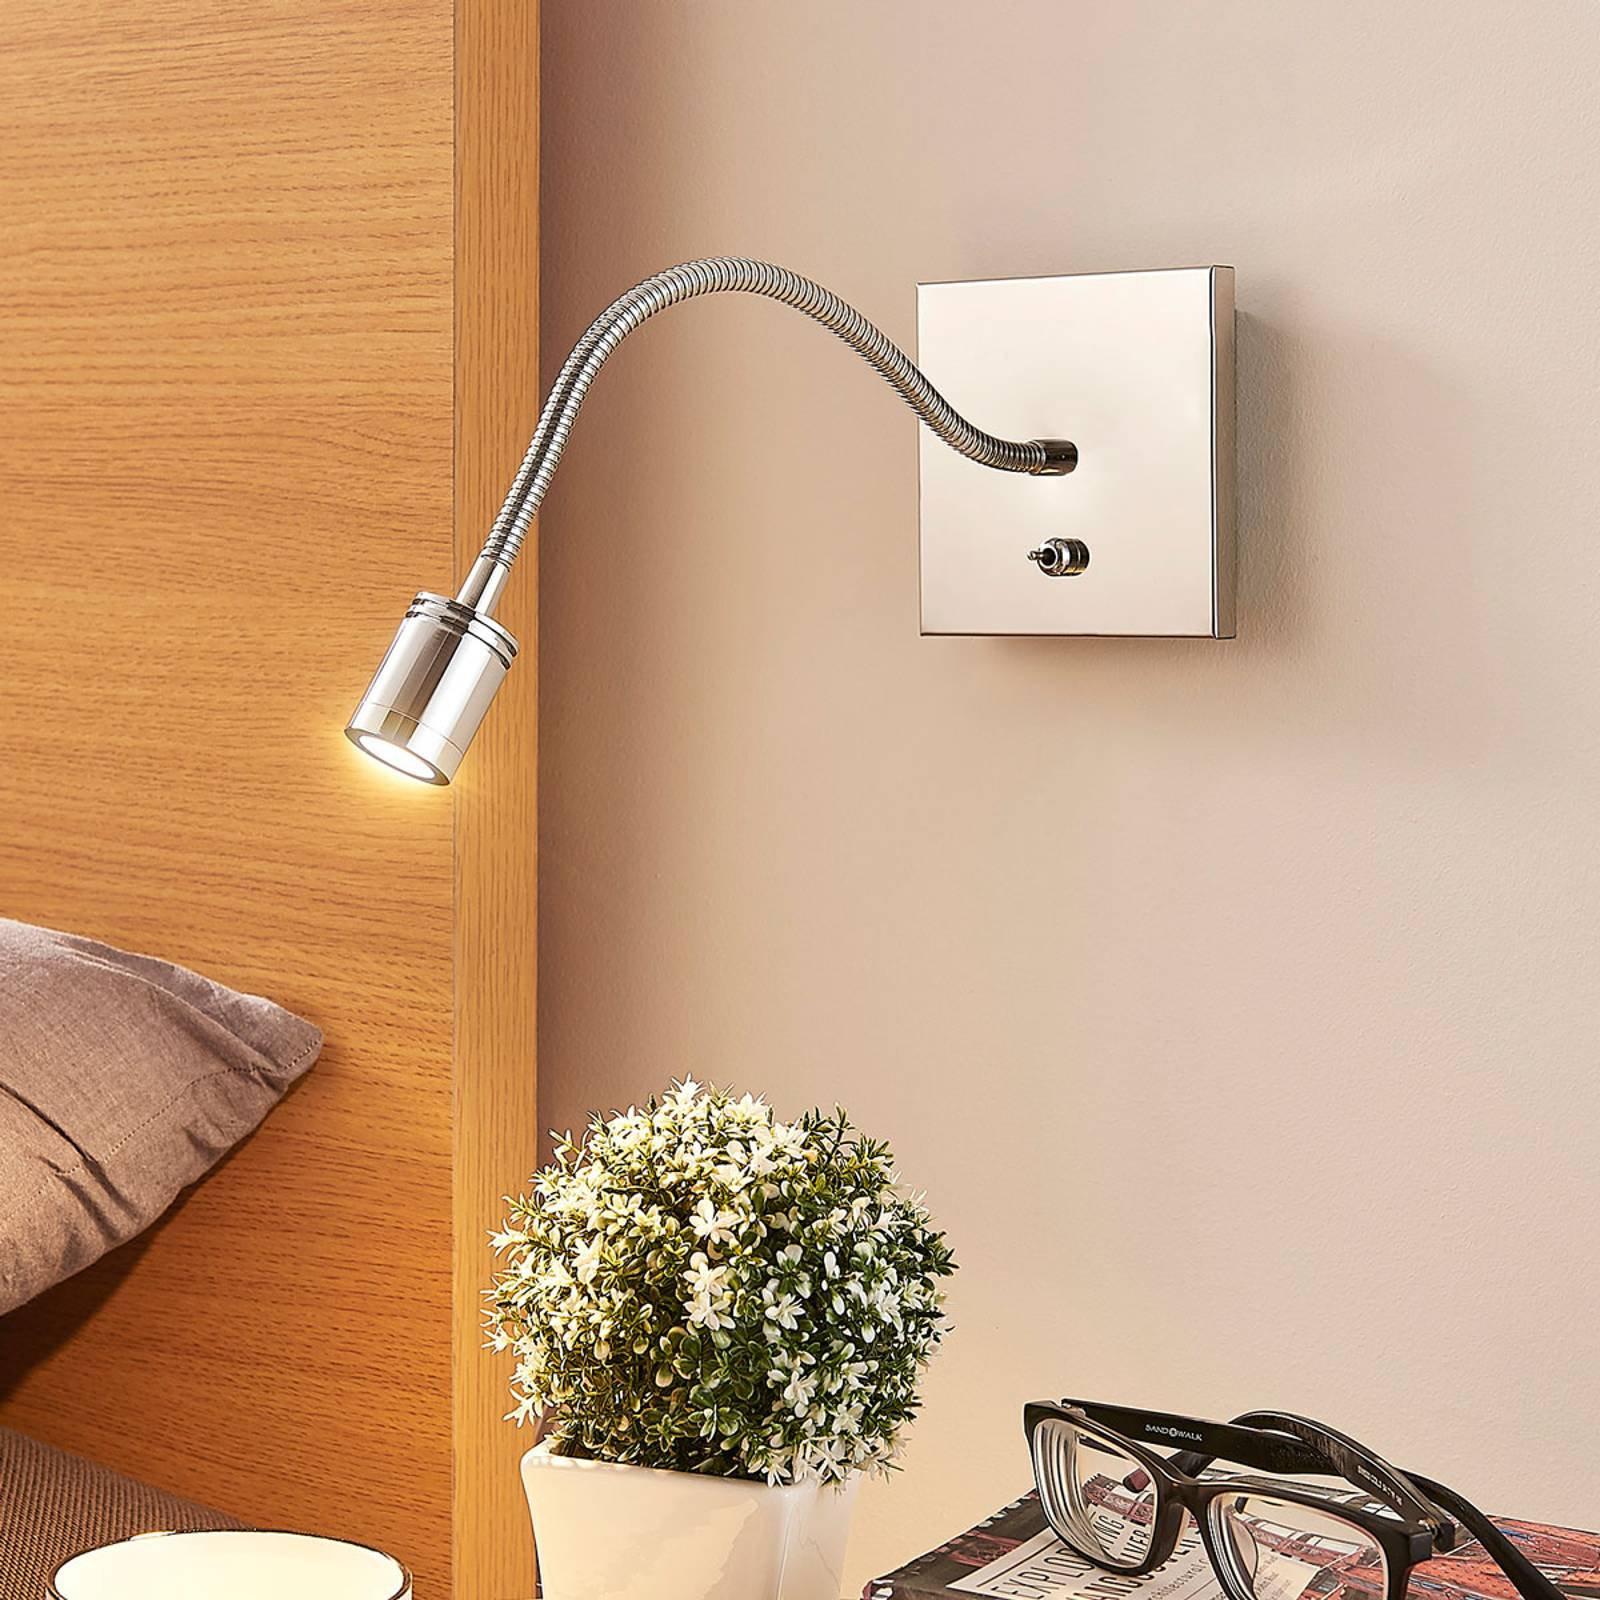 Forkrommet LED-veggleselampe Berfin, LED